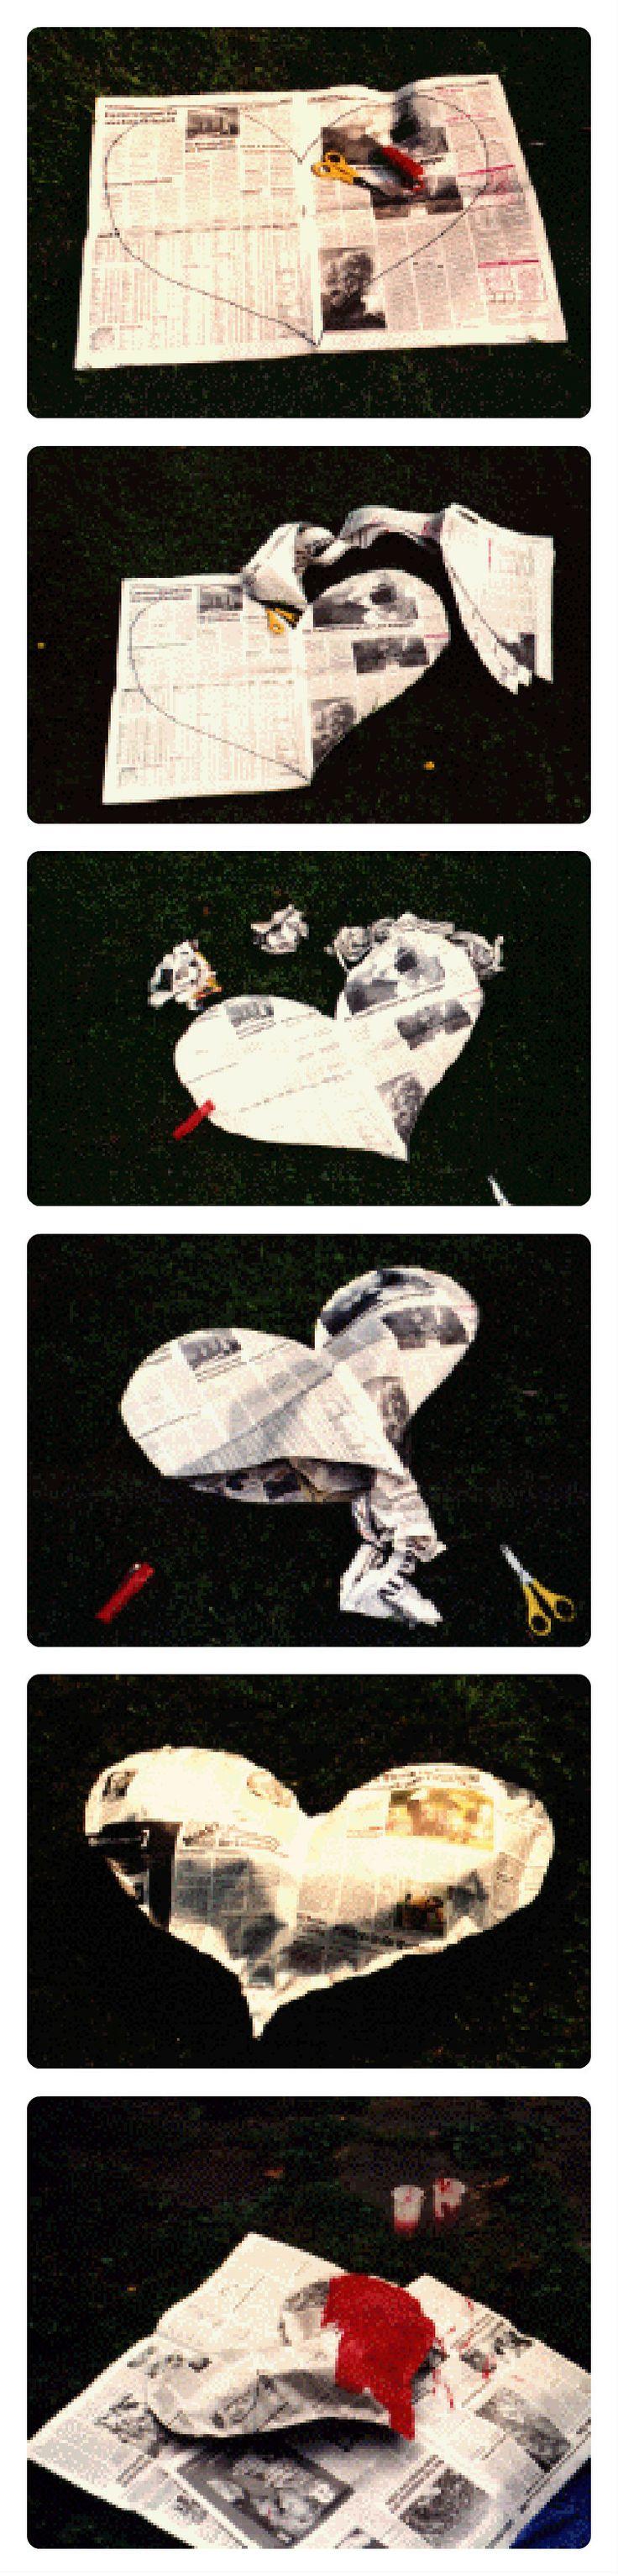 Opgevuld hart stap 1: neem 4 pagina's krantenpapier, die leg je op elkaar. Teken op het 1ste blad een groot hart. stap 2: het hart uitknippen (wel zo dat ze alle 4 op elkaar blijven) Je krijgt dus 4 harten. stap 3: de randen rondom het hart nieten (onderste punt vrijlaten, zodat het hart opgevuld kan worden) stap 4: van ander krantenpapier proppen maken & in het hart stoppen.(tussen 2 vellen) stap 5: punt aan elkaar nieten. stap 6: hart schilderen…